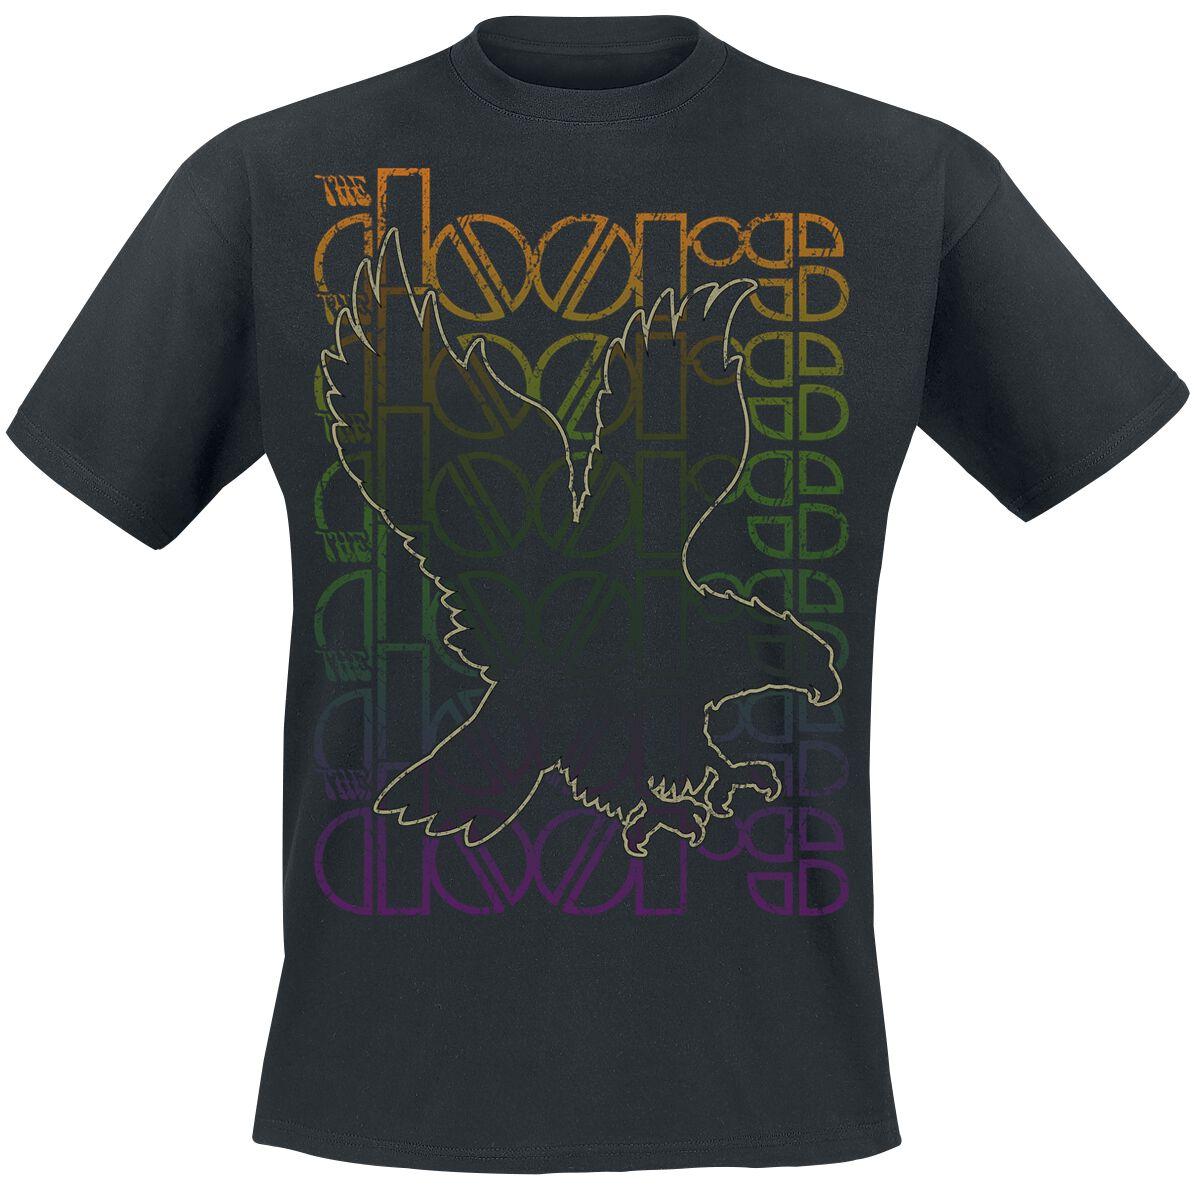 Zespoły - Koszulki - T-Shirt The Doors Landing T-Shirt czarny - 355553